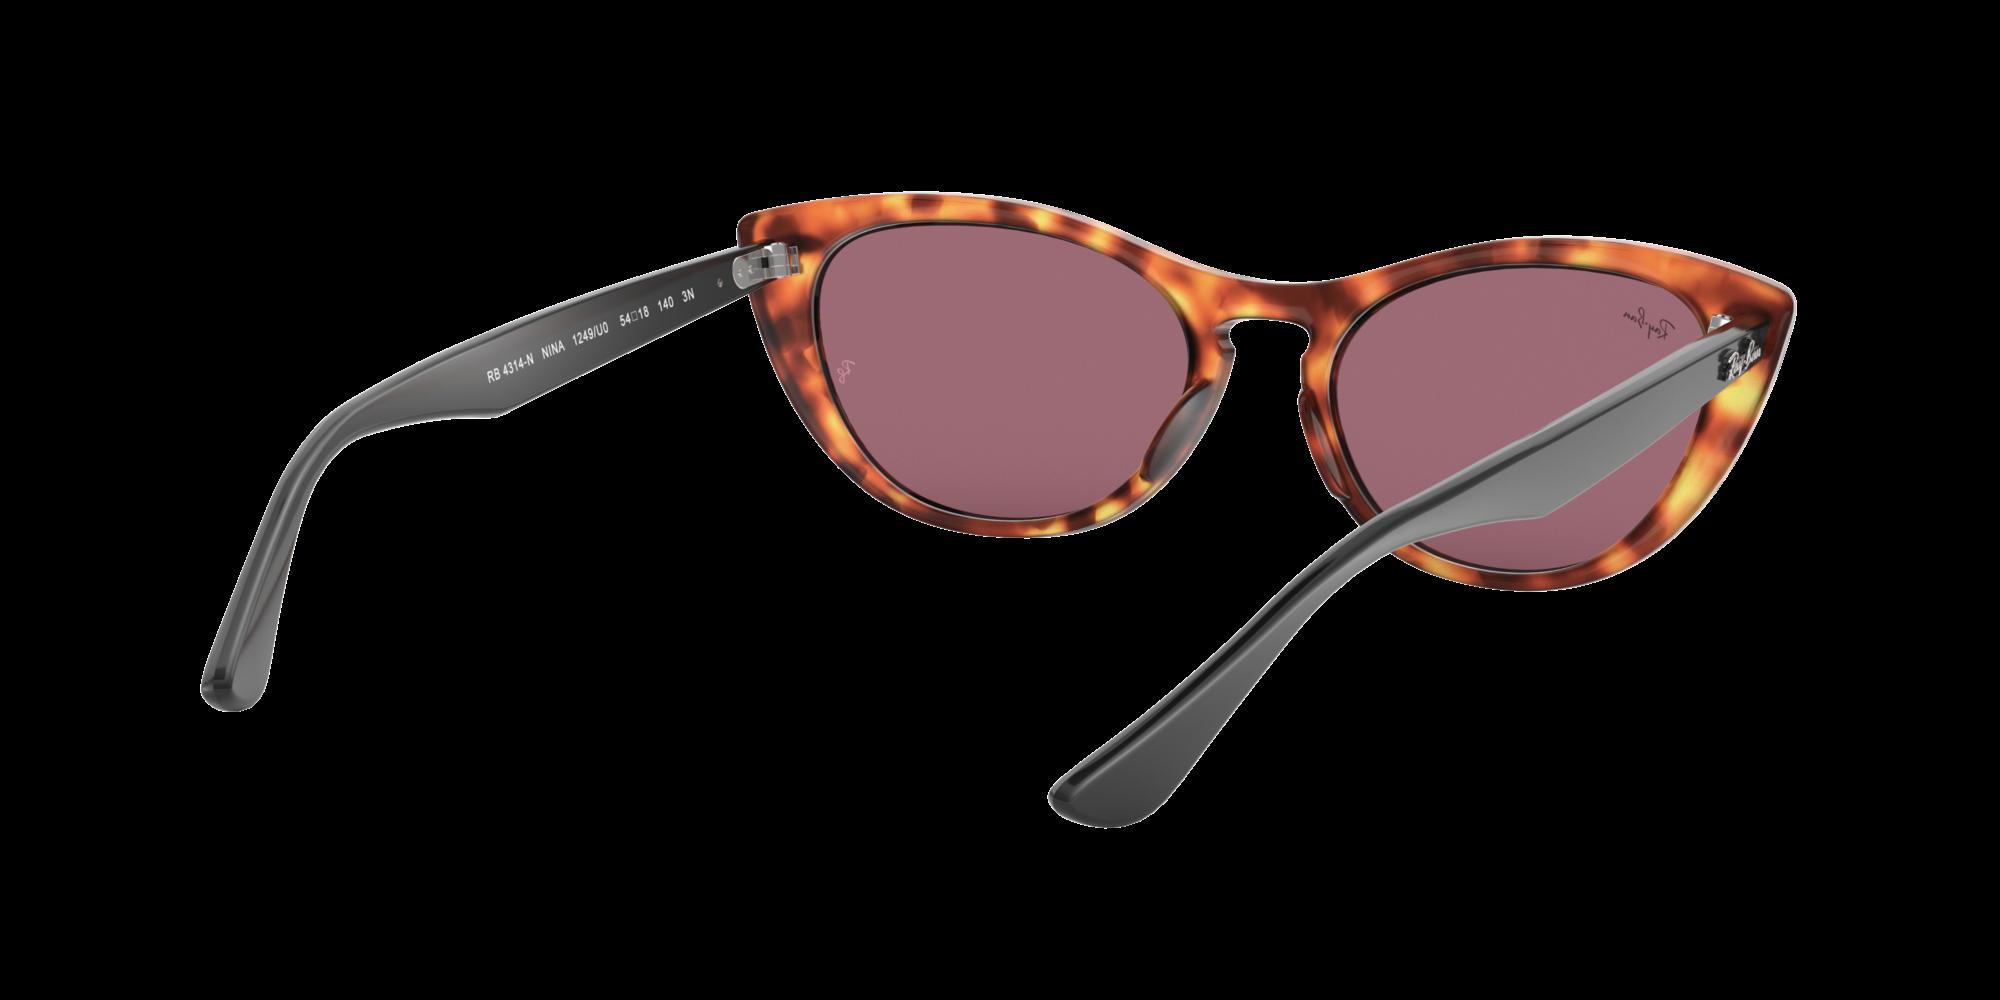 0fce77c5f7 Sonnenbrillen Ray-Ban Nina Havana RB4314N 1249U0 54-18 Mittel Selbsttönende  Gläser